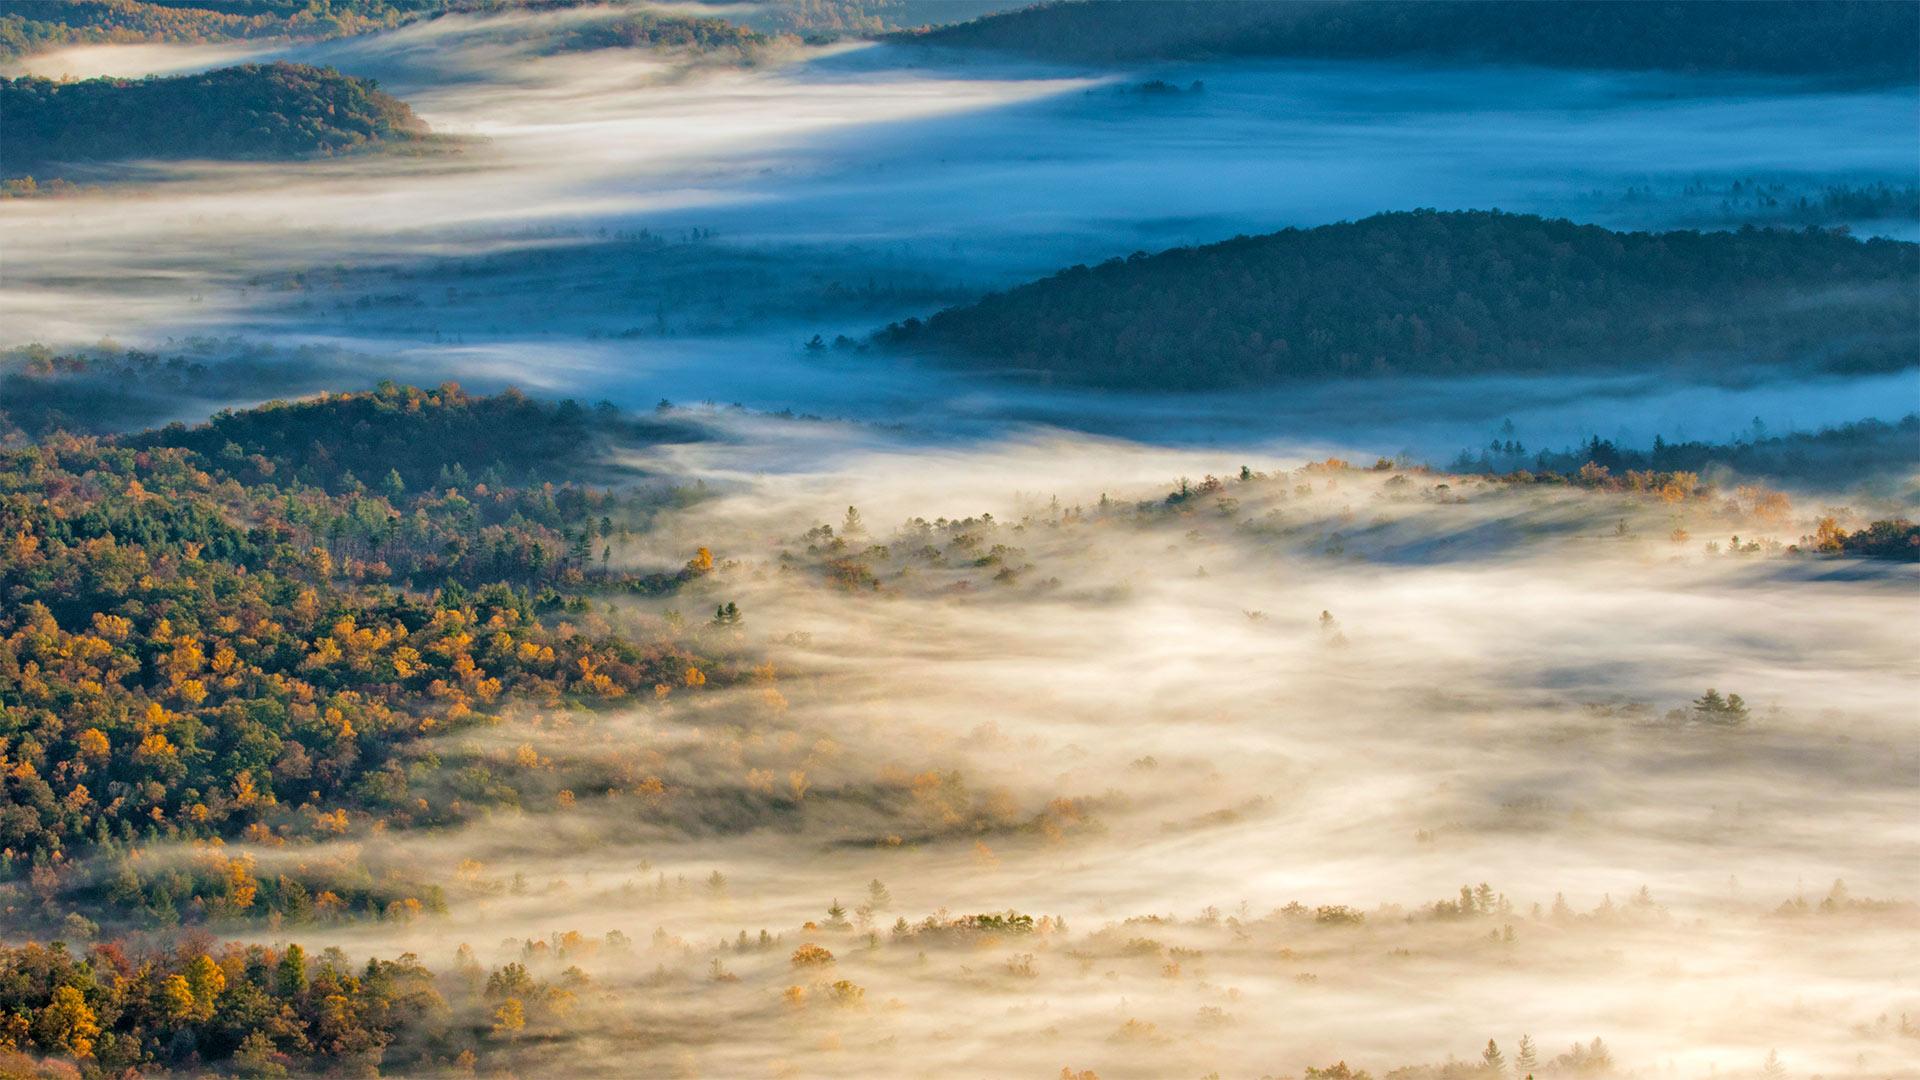 布里瓦德附近的皮斯加国家森林,北卡罗来纳州